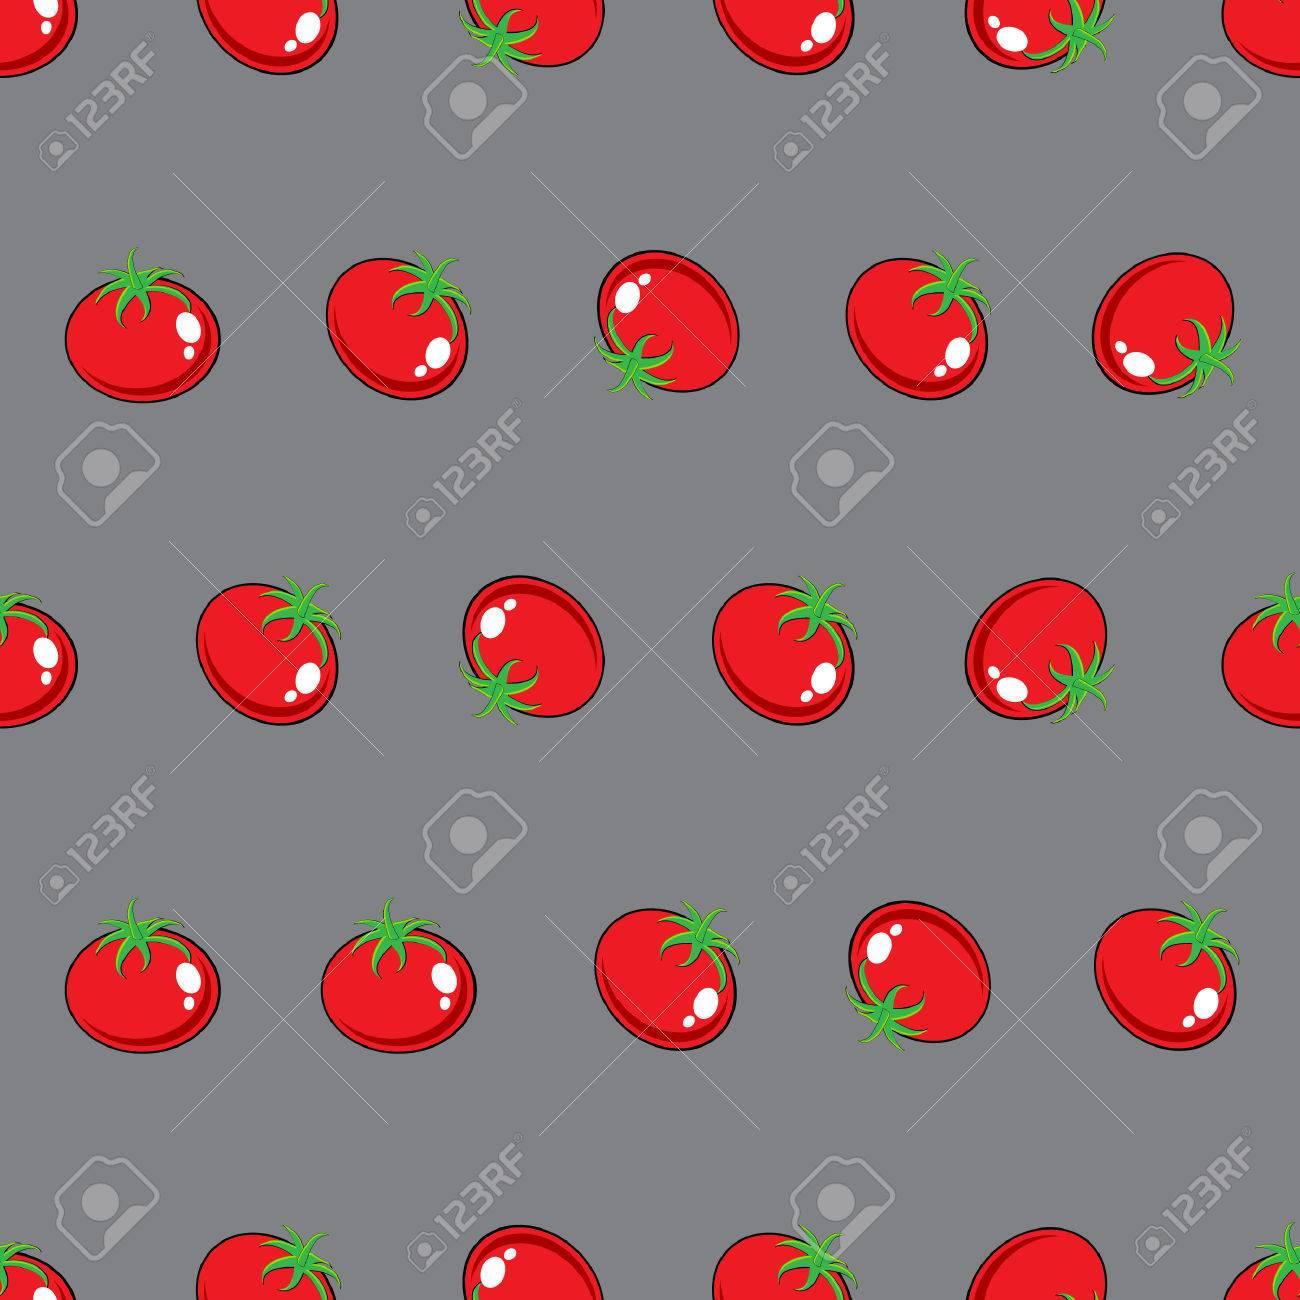 Image Vectorielle Modele De Tomate Rouge Sur Fond Gris Pour Papier